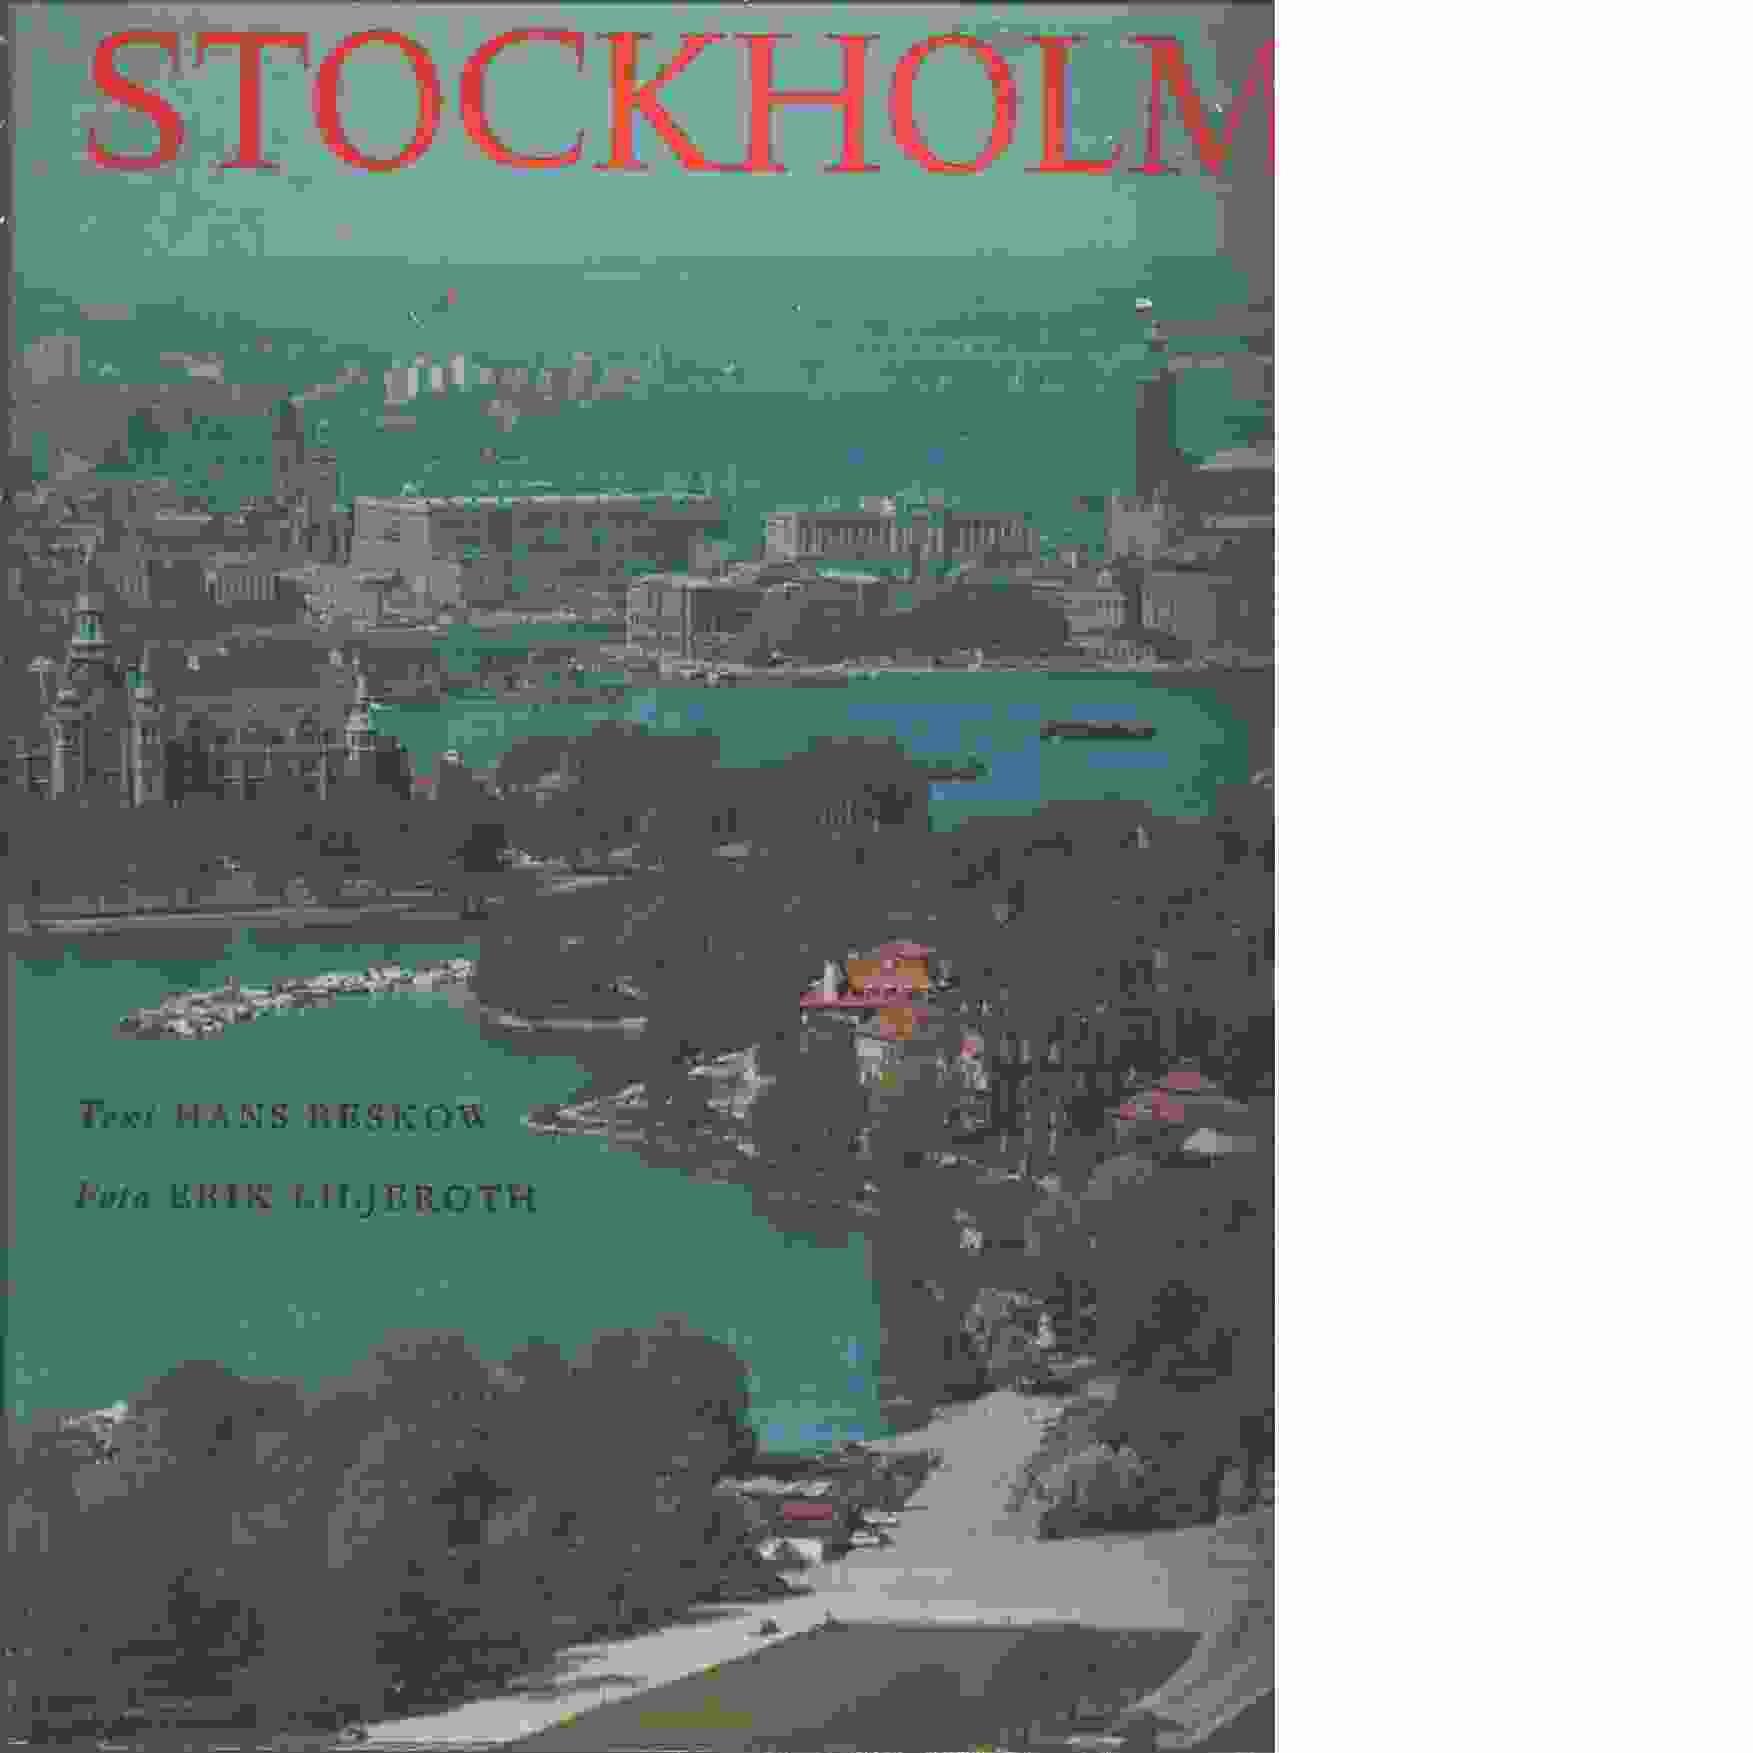 Stockholm : [ett bildverk] - Beskow, Hans och Byström, Olof samt Bergengren, Kurt